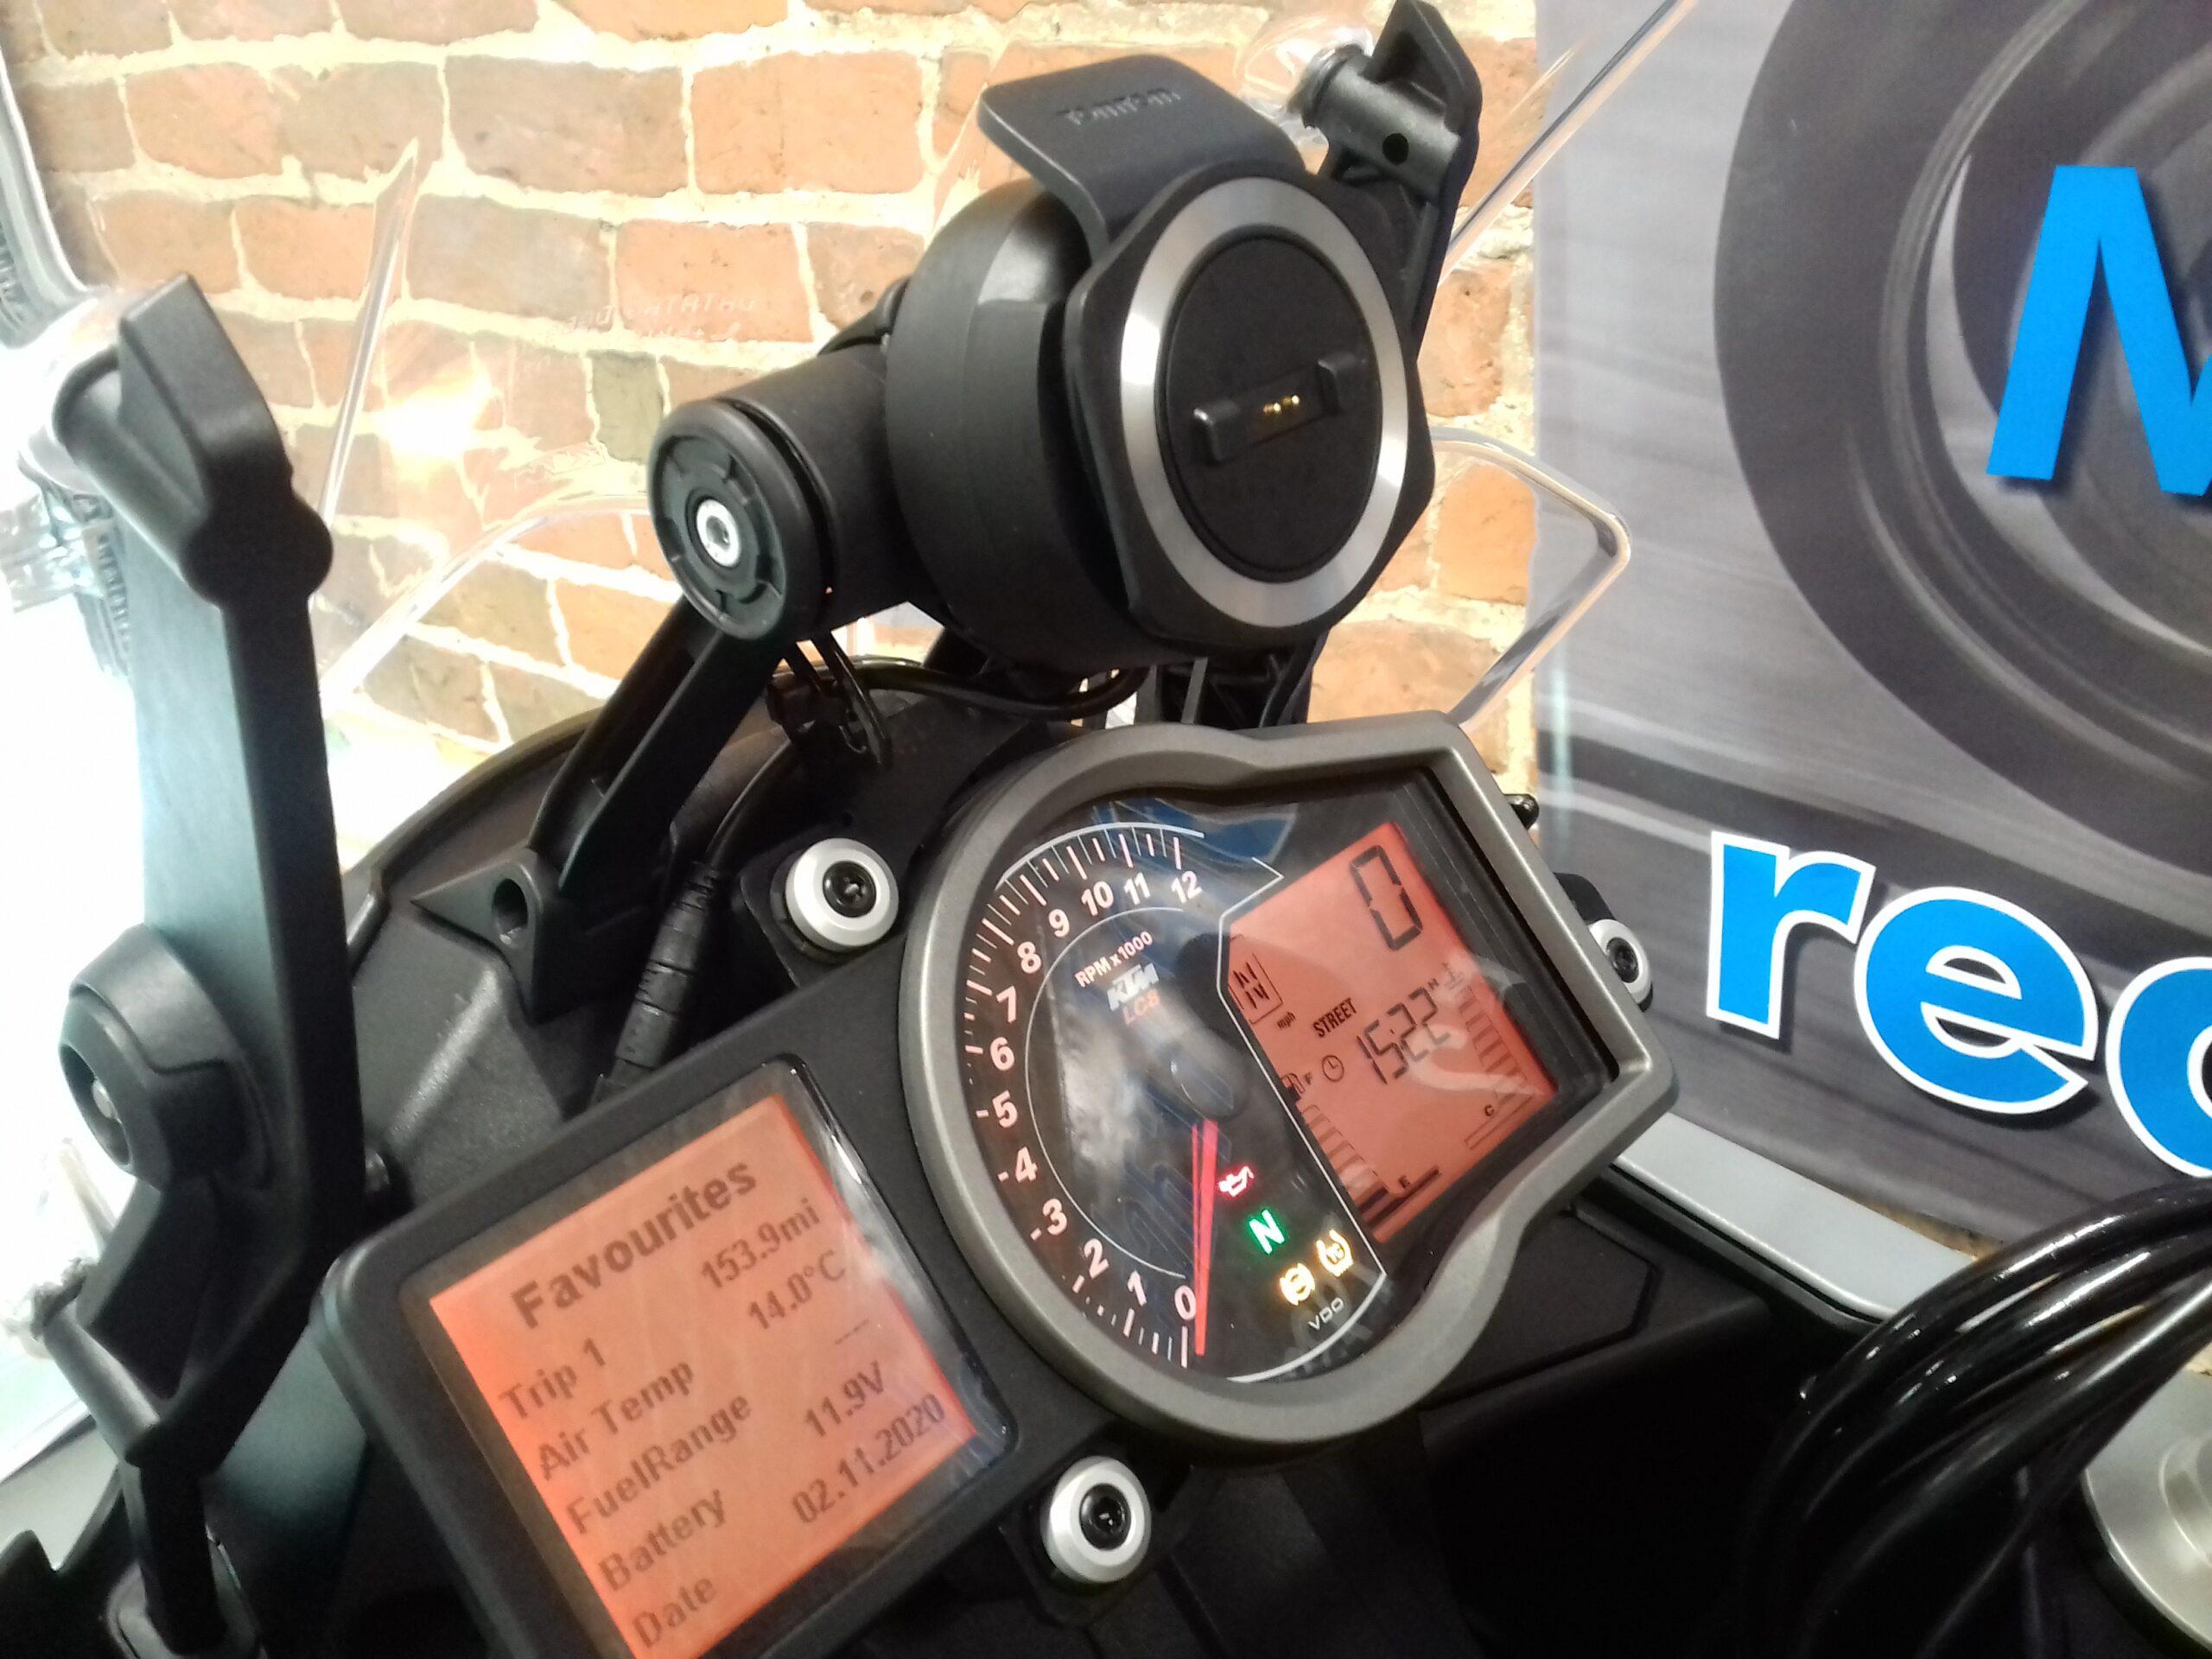 2015 KTM 1050 ADVENTURE FULLY LOADED FULL KTM SERVICE HISTORY